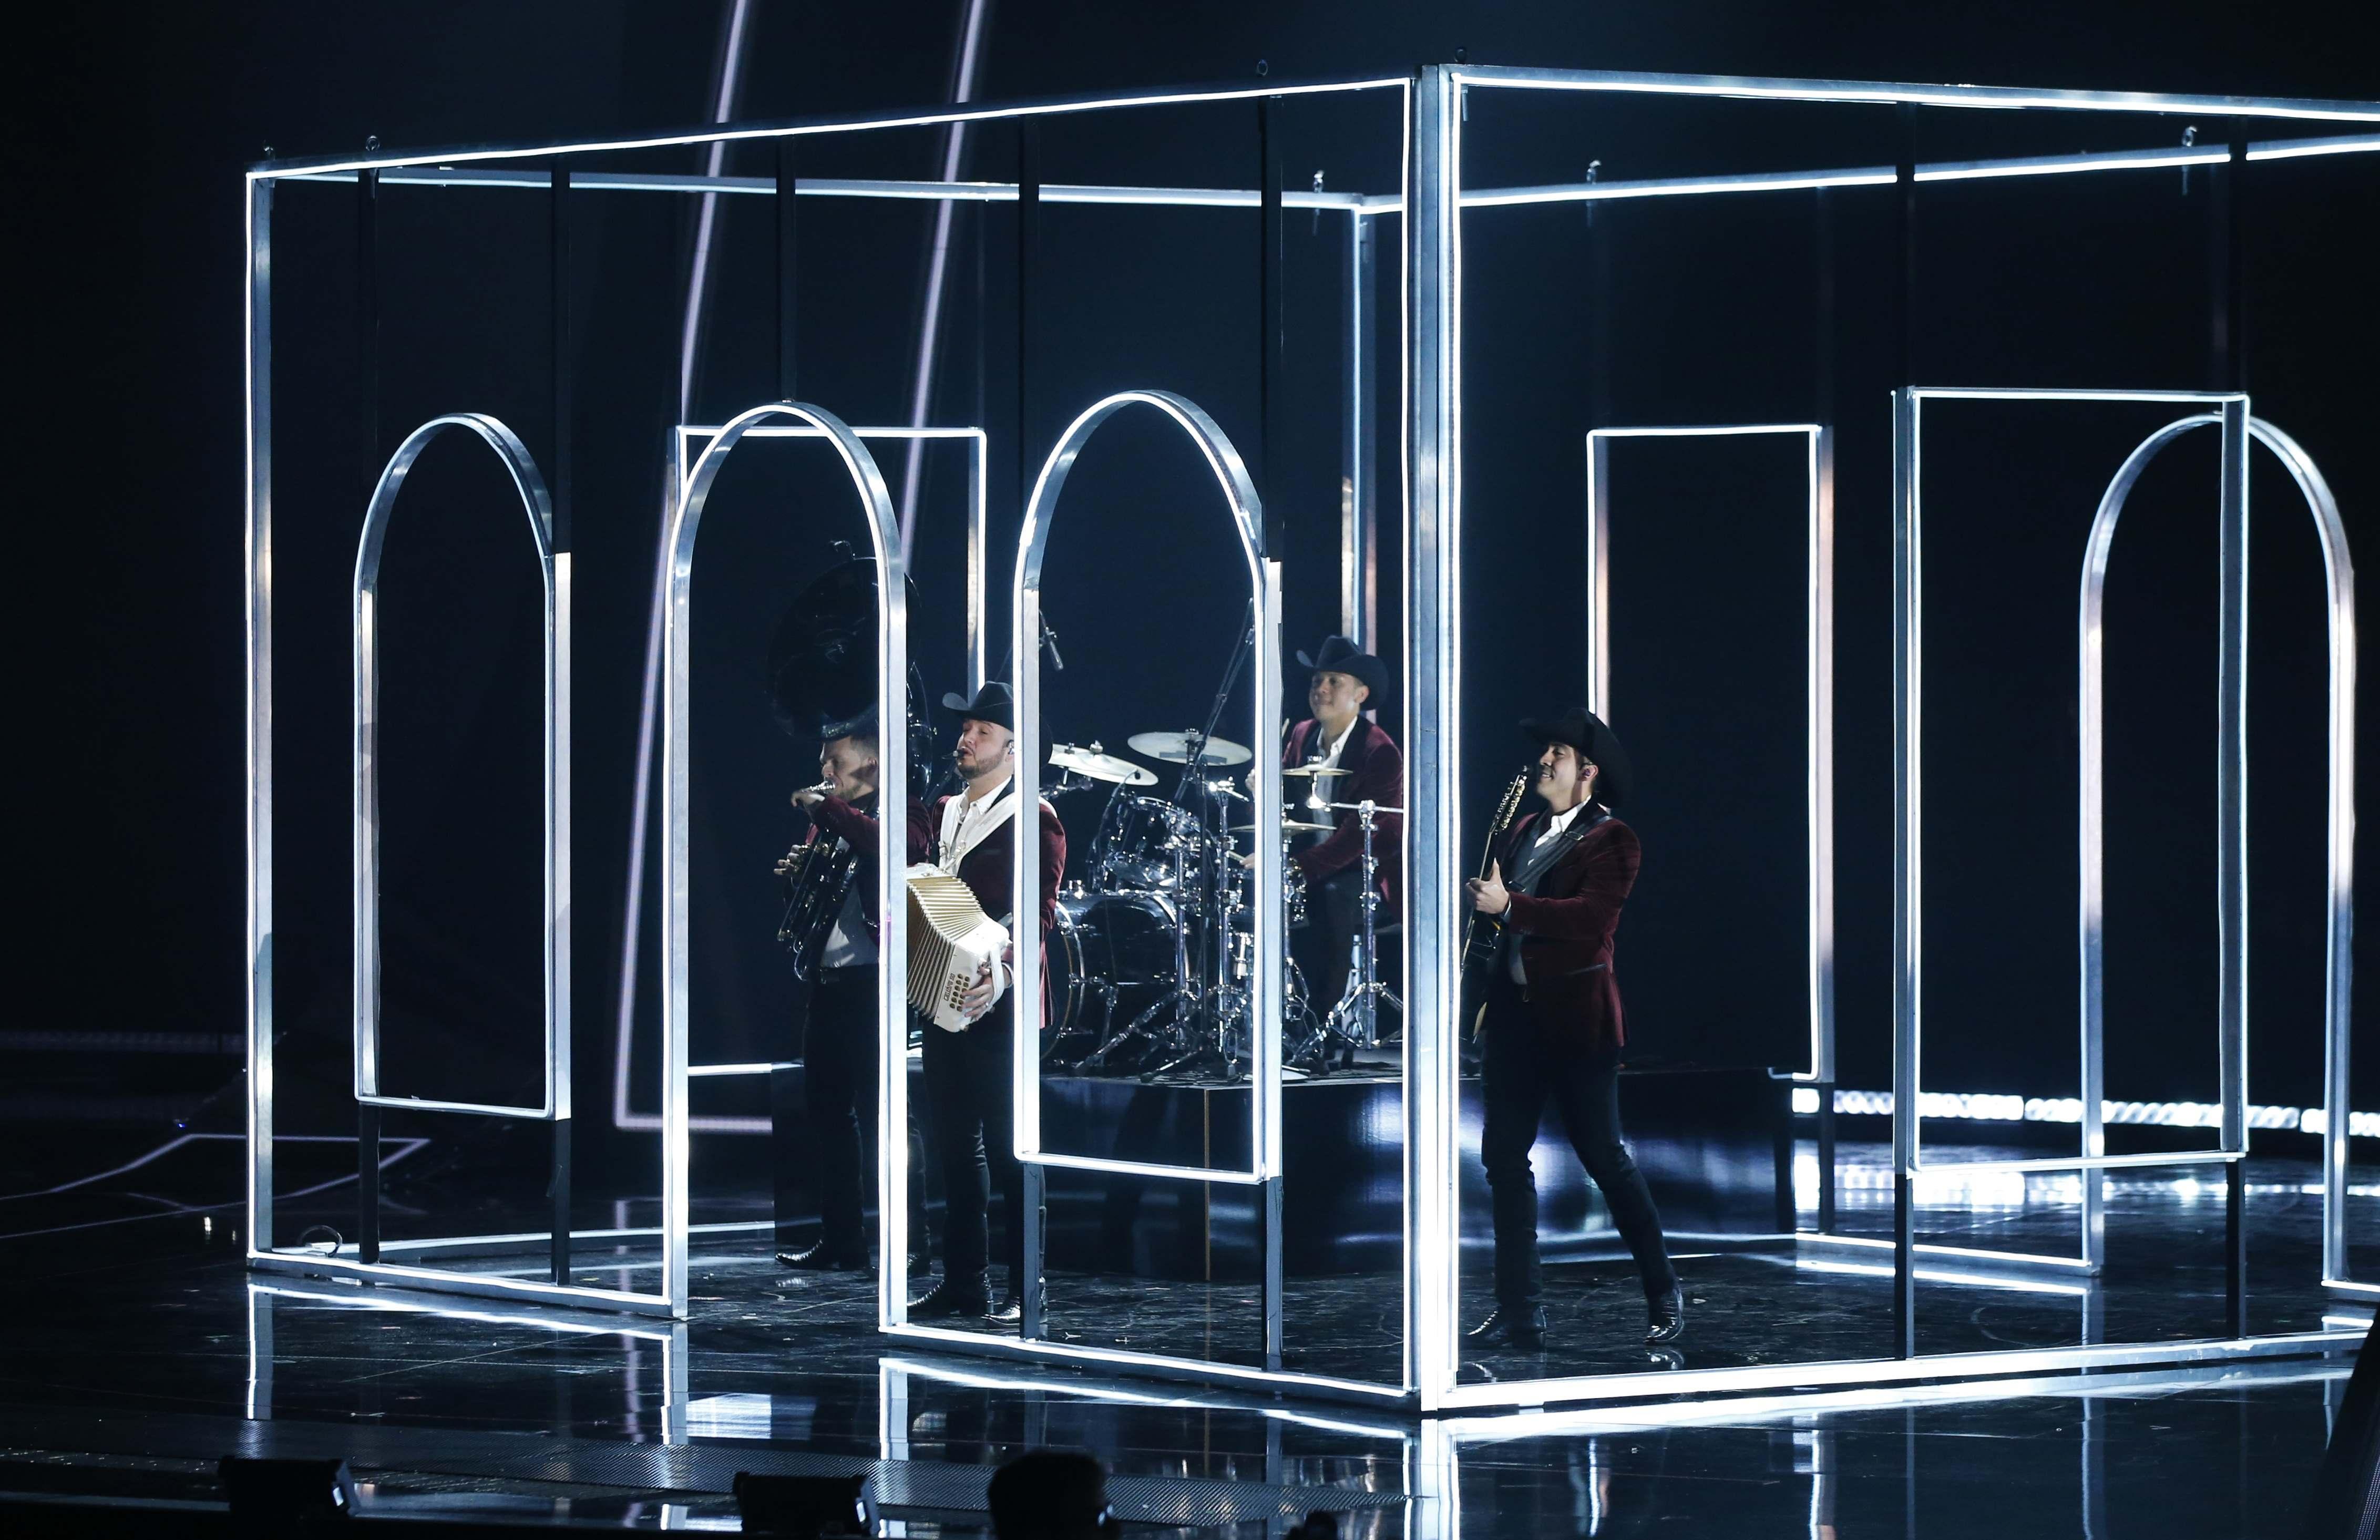 El grupo mexicano Calibre 50 interpretó su canción 'Corrido de Juanito' durante el show